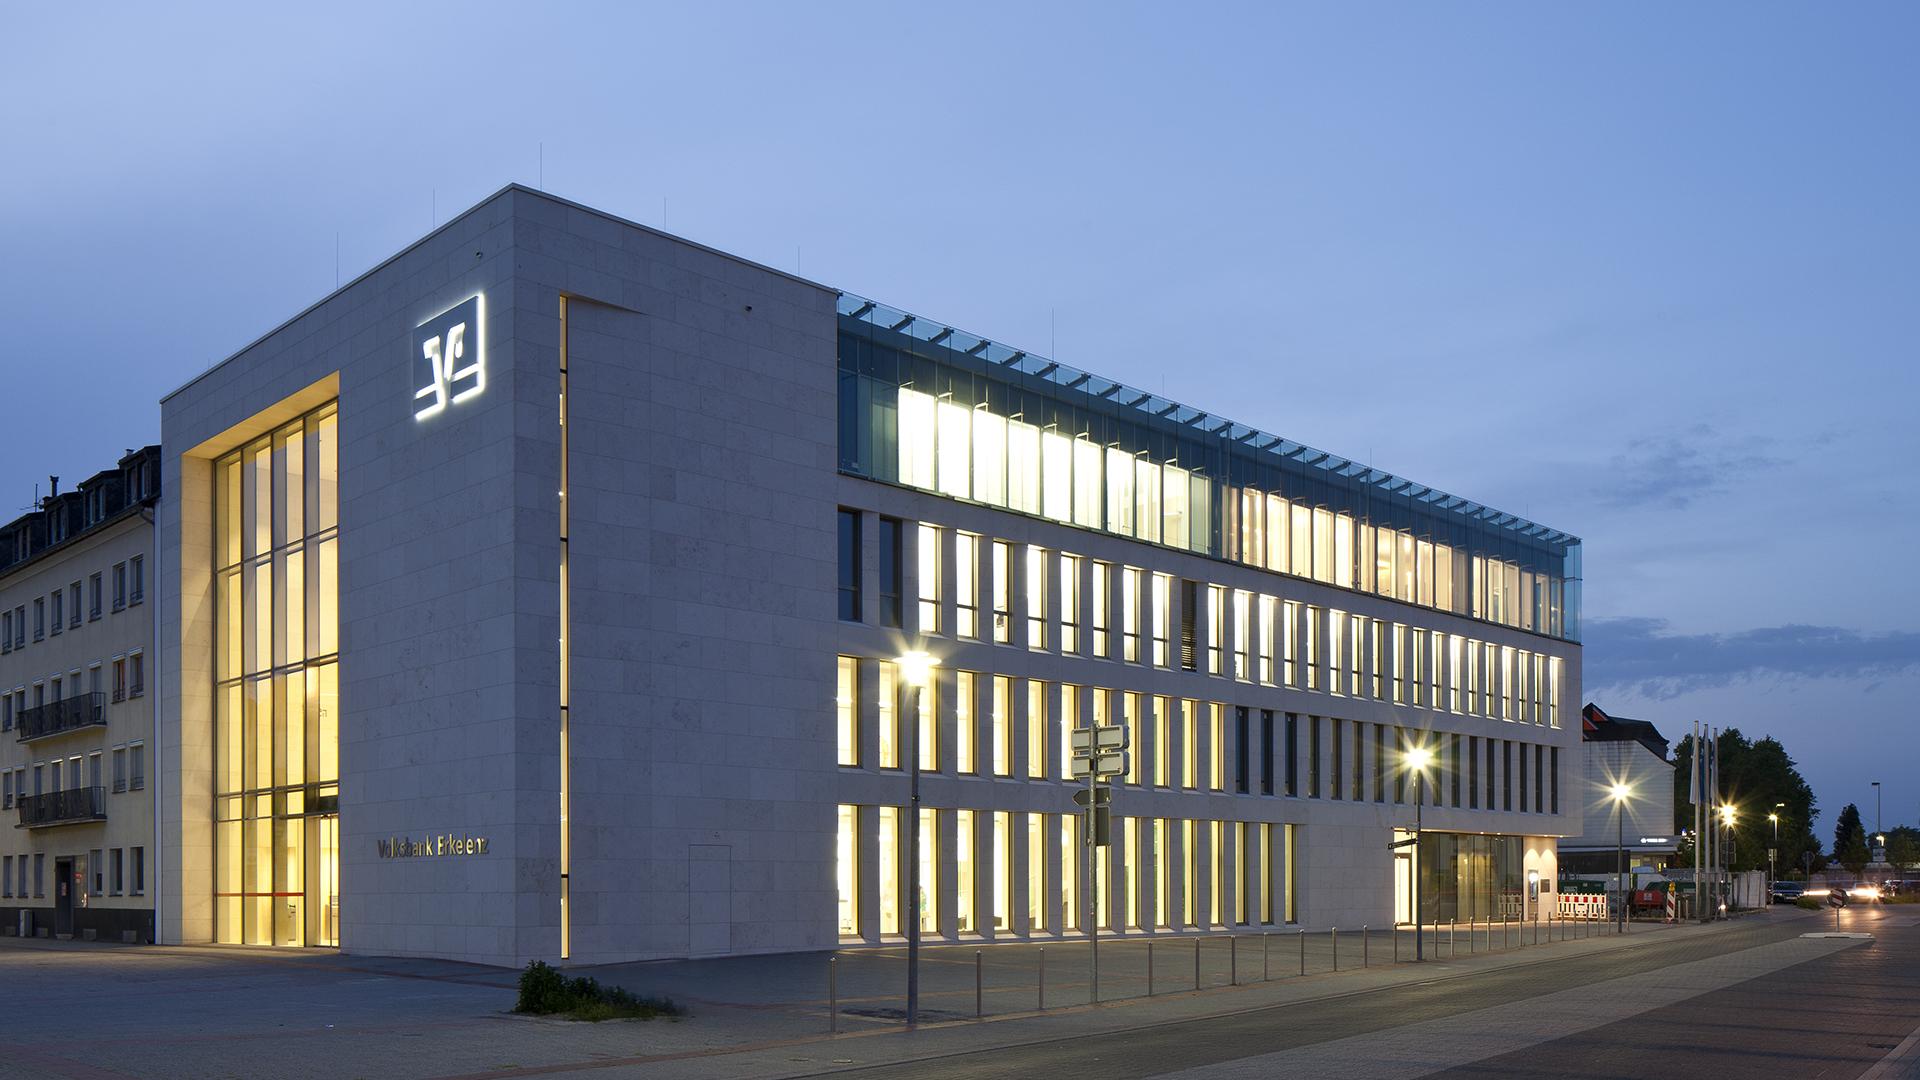 Volksbank Erkelenz